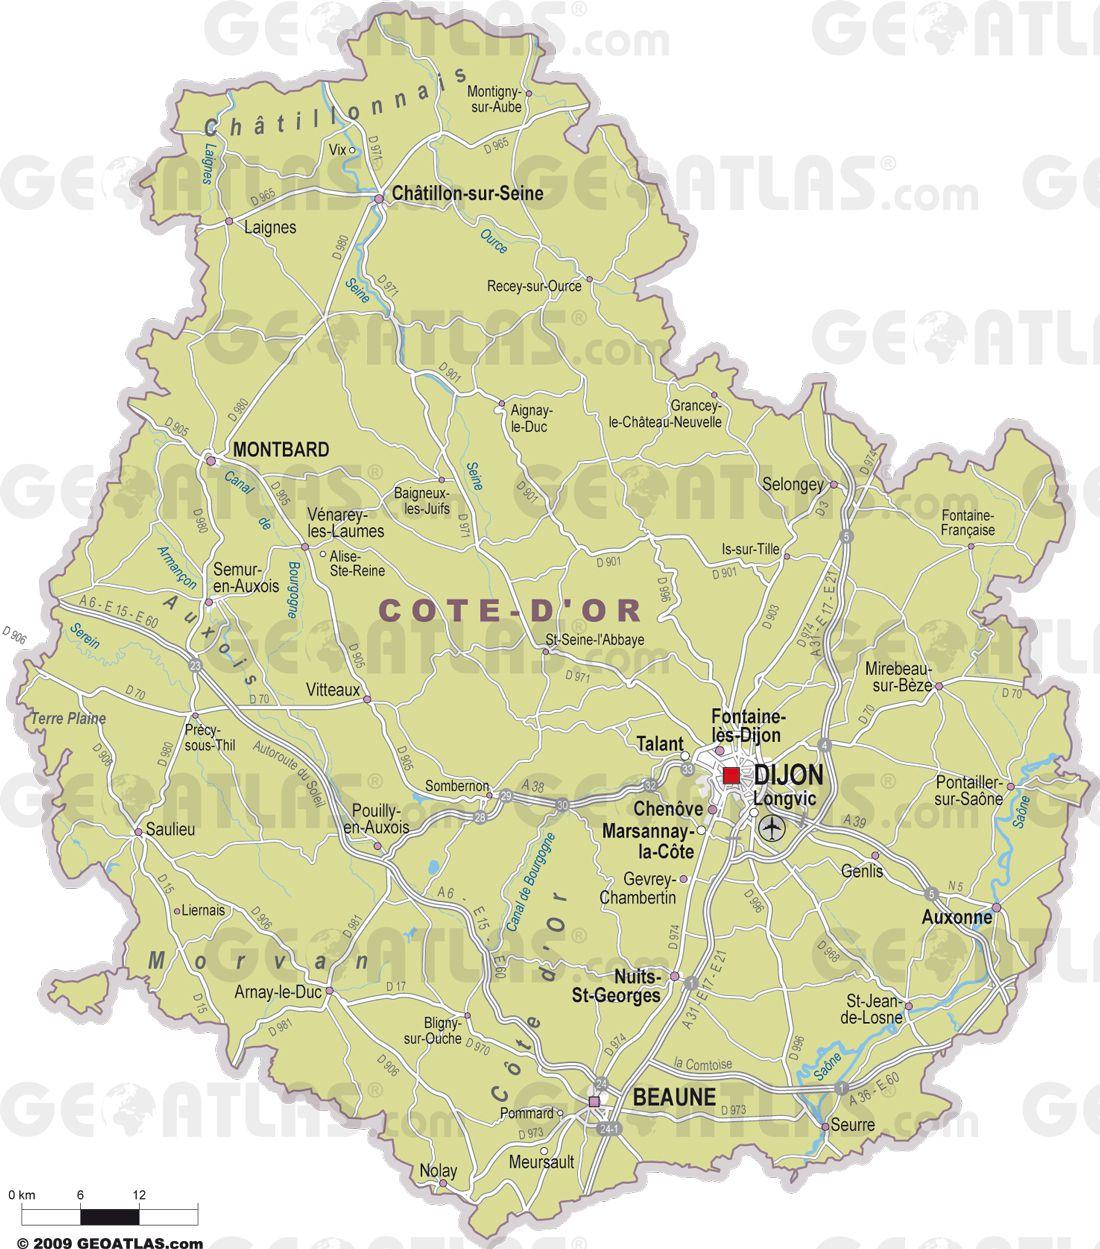 Carte des villes de Côte-d'Or